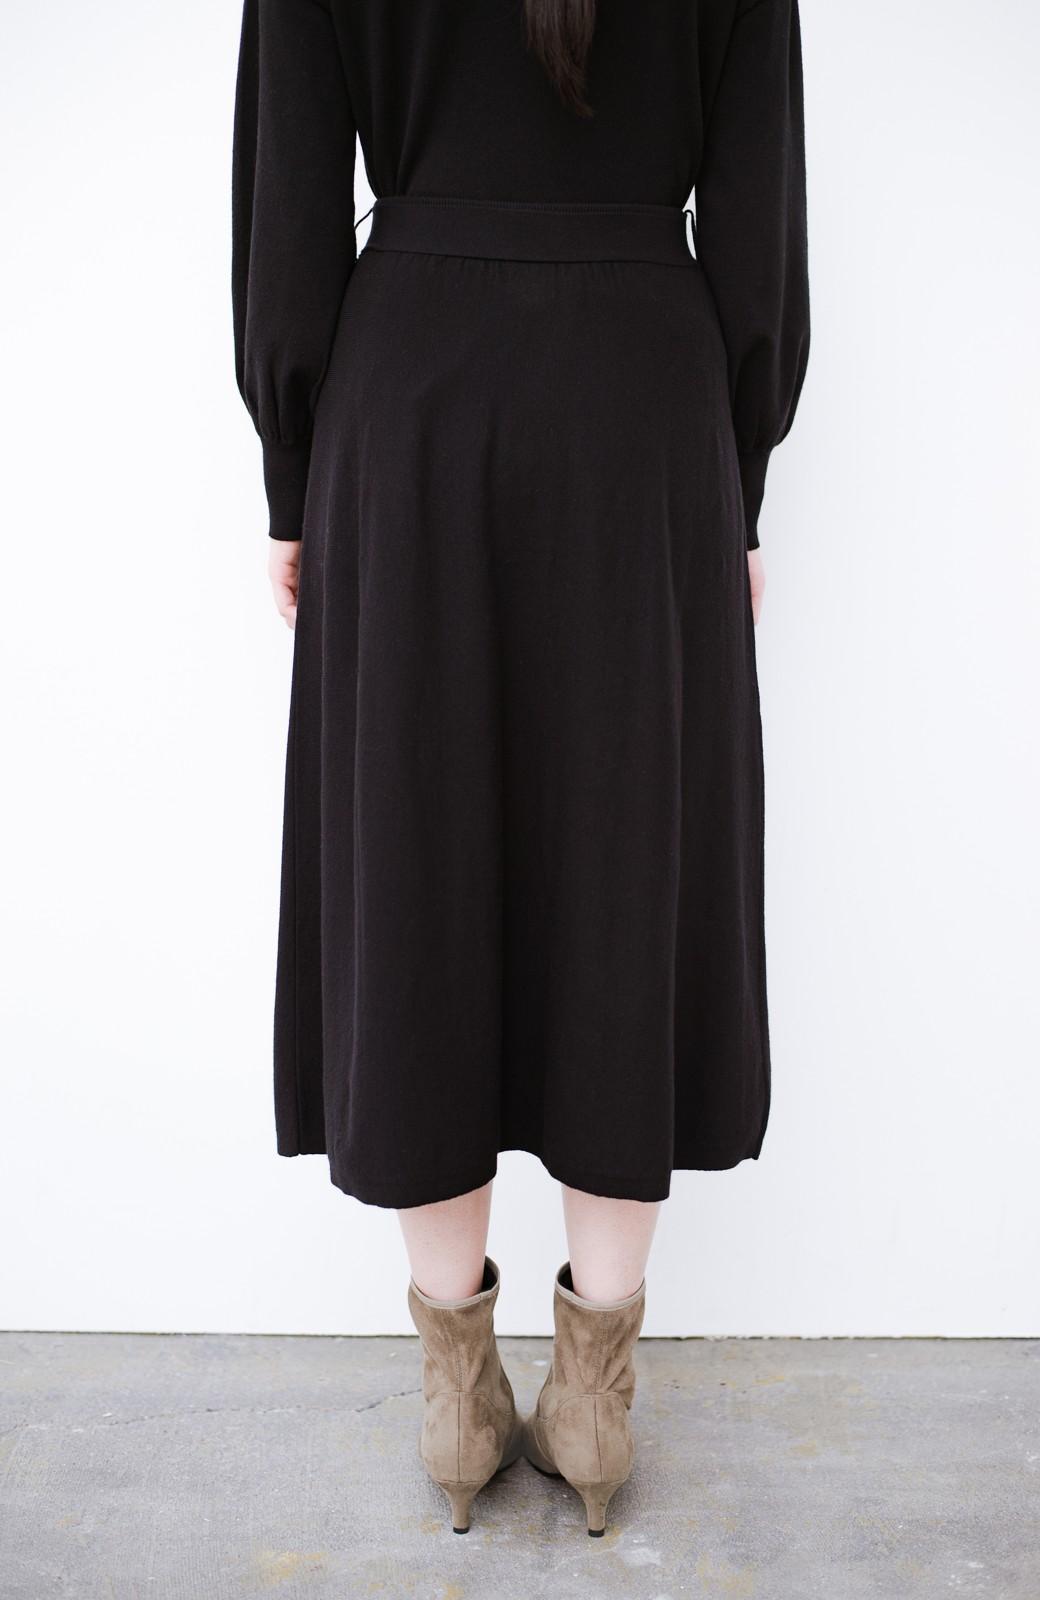 haco! デニムにもスカートにも似合う!すぽっと履けてスタイルアップが叶う女っぽフェイクスエードブーツ <ブラウン>の商品写真4